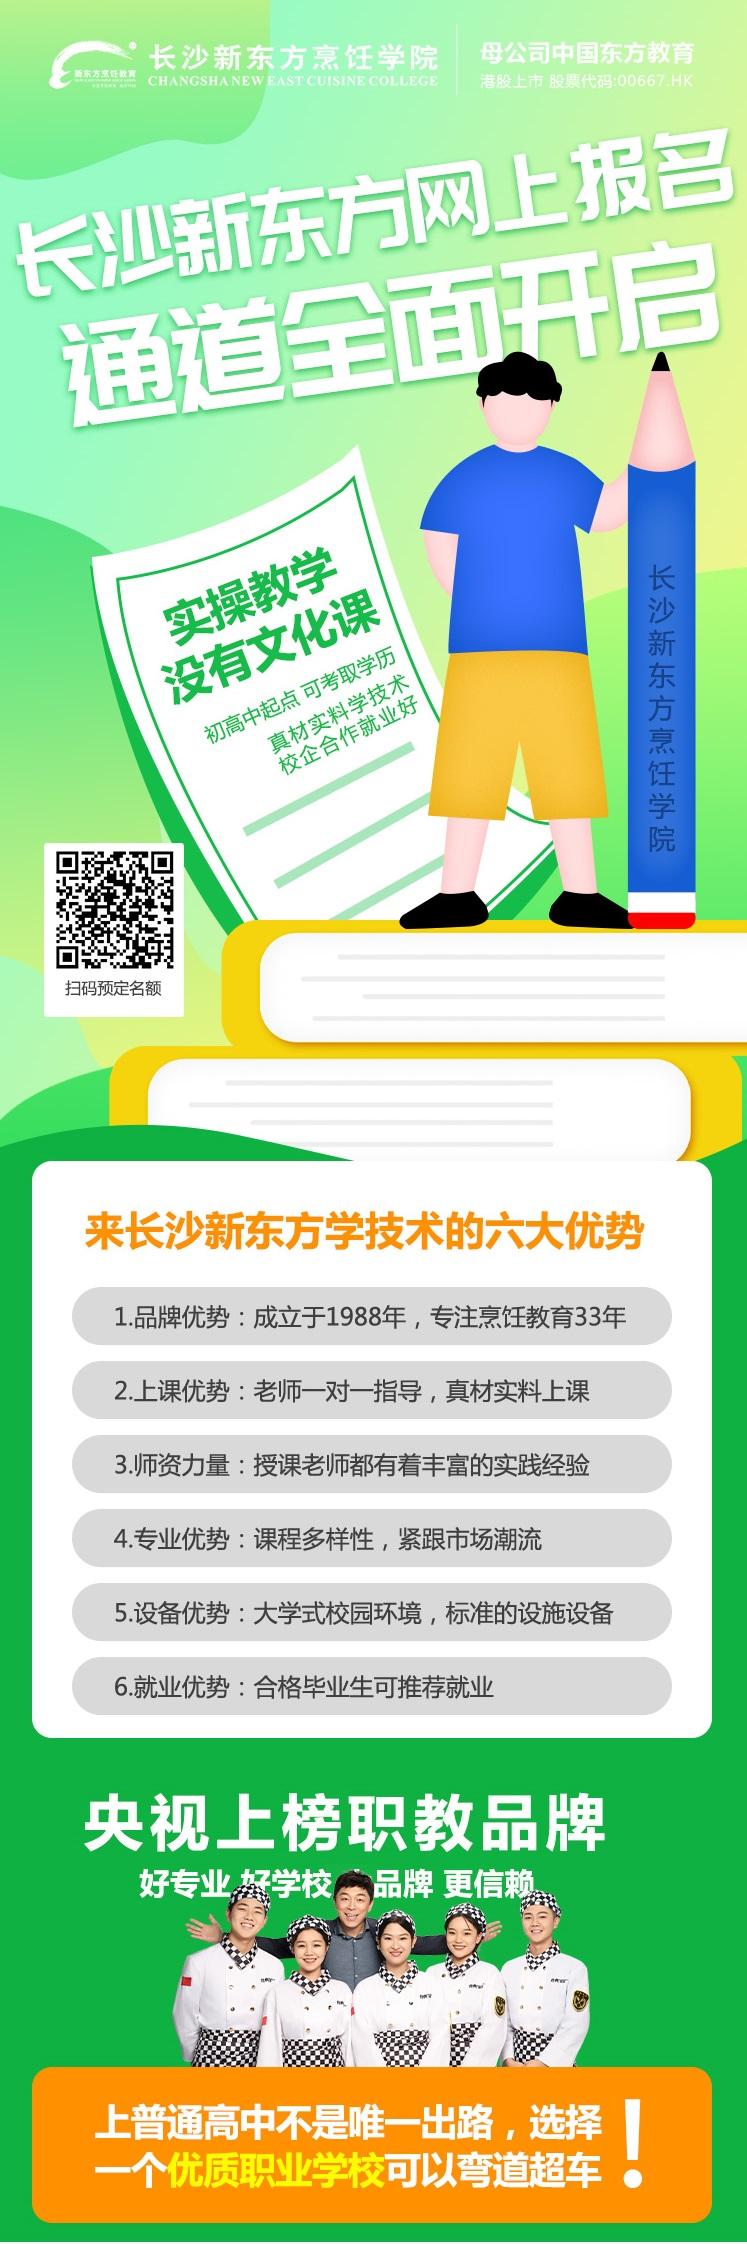 长沙新东方烹饪学院线上参观报名通道全面开启